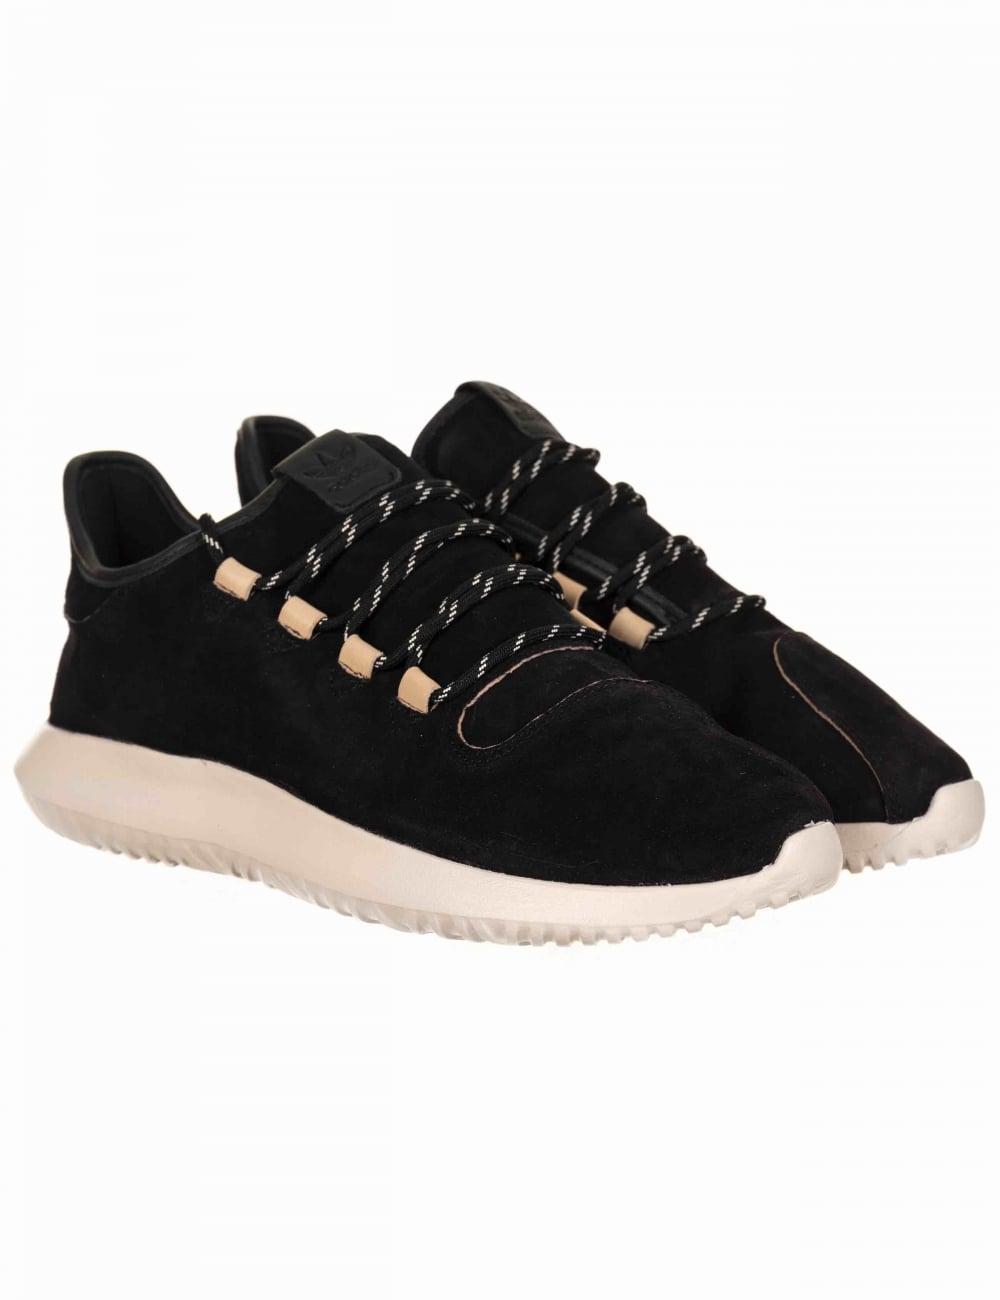 97e2e43de985a Adidas Originals Tubular Shadow Trainers - Core Black Core Brown ...